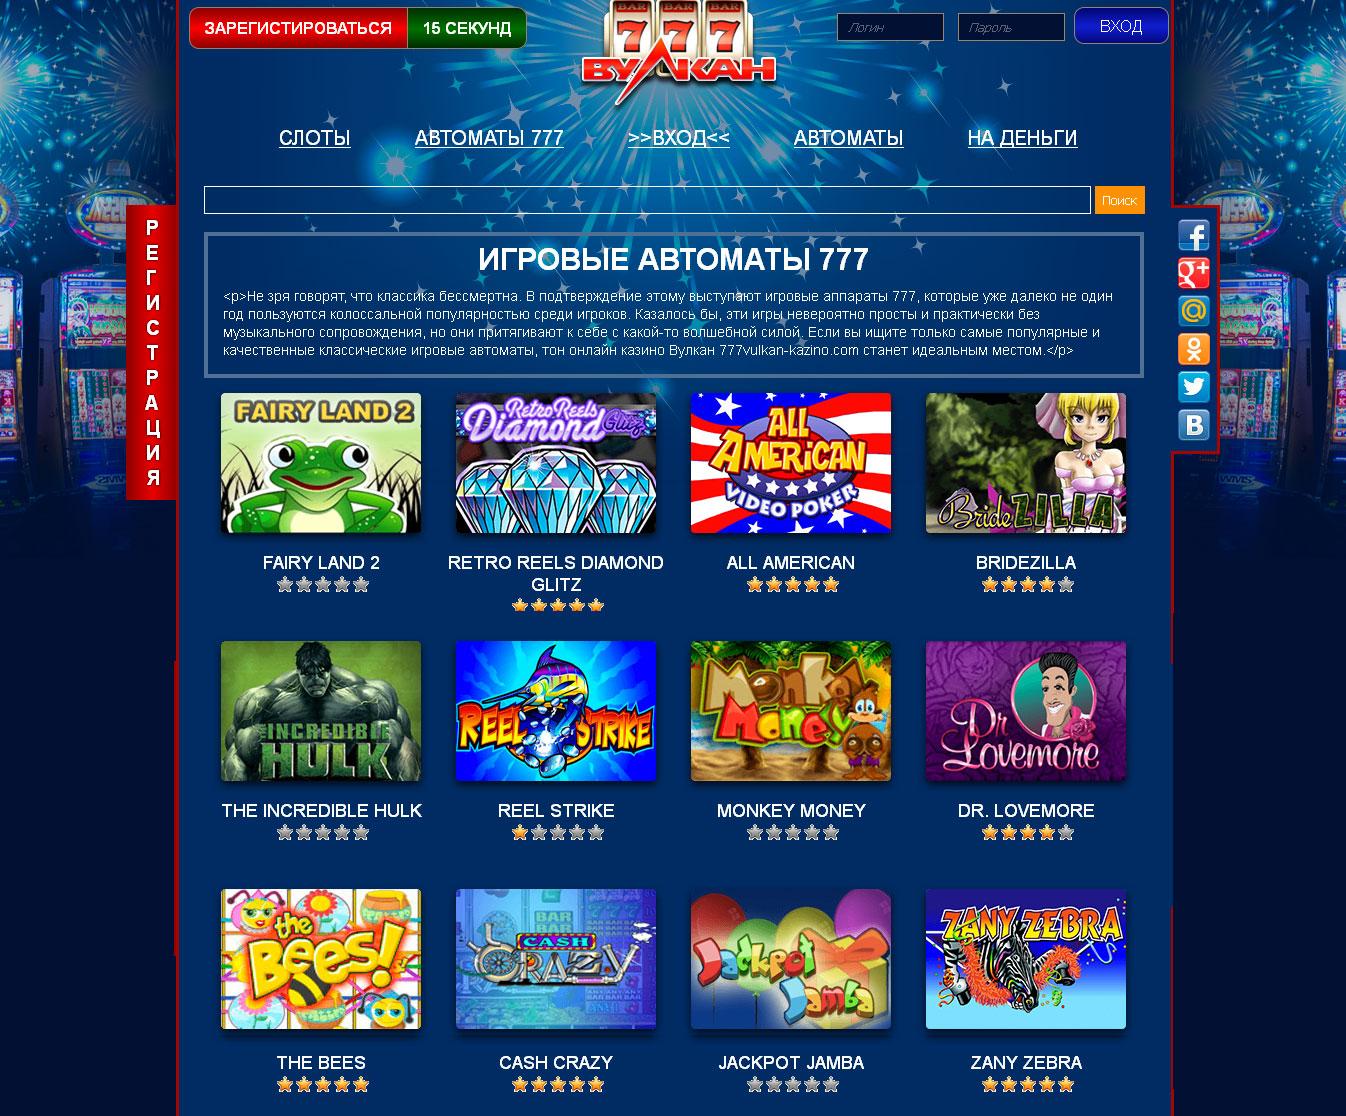 Игровые автоматы Вулкан играть бесплатно онлайн казино